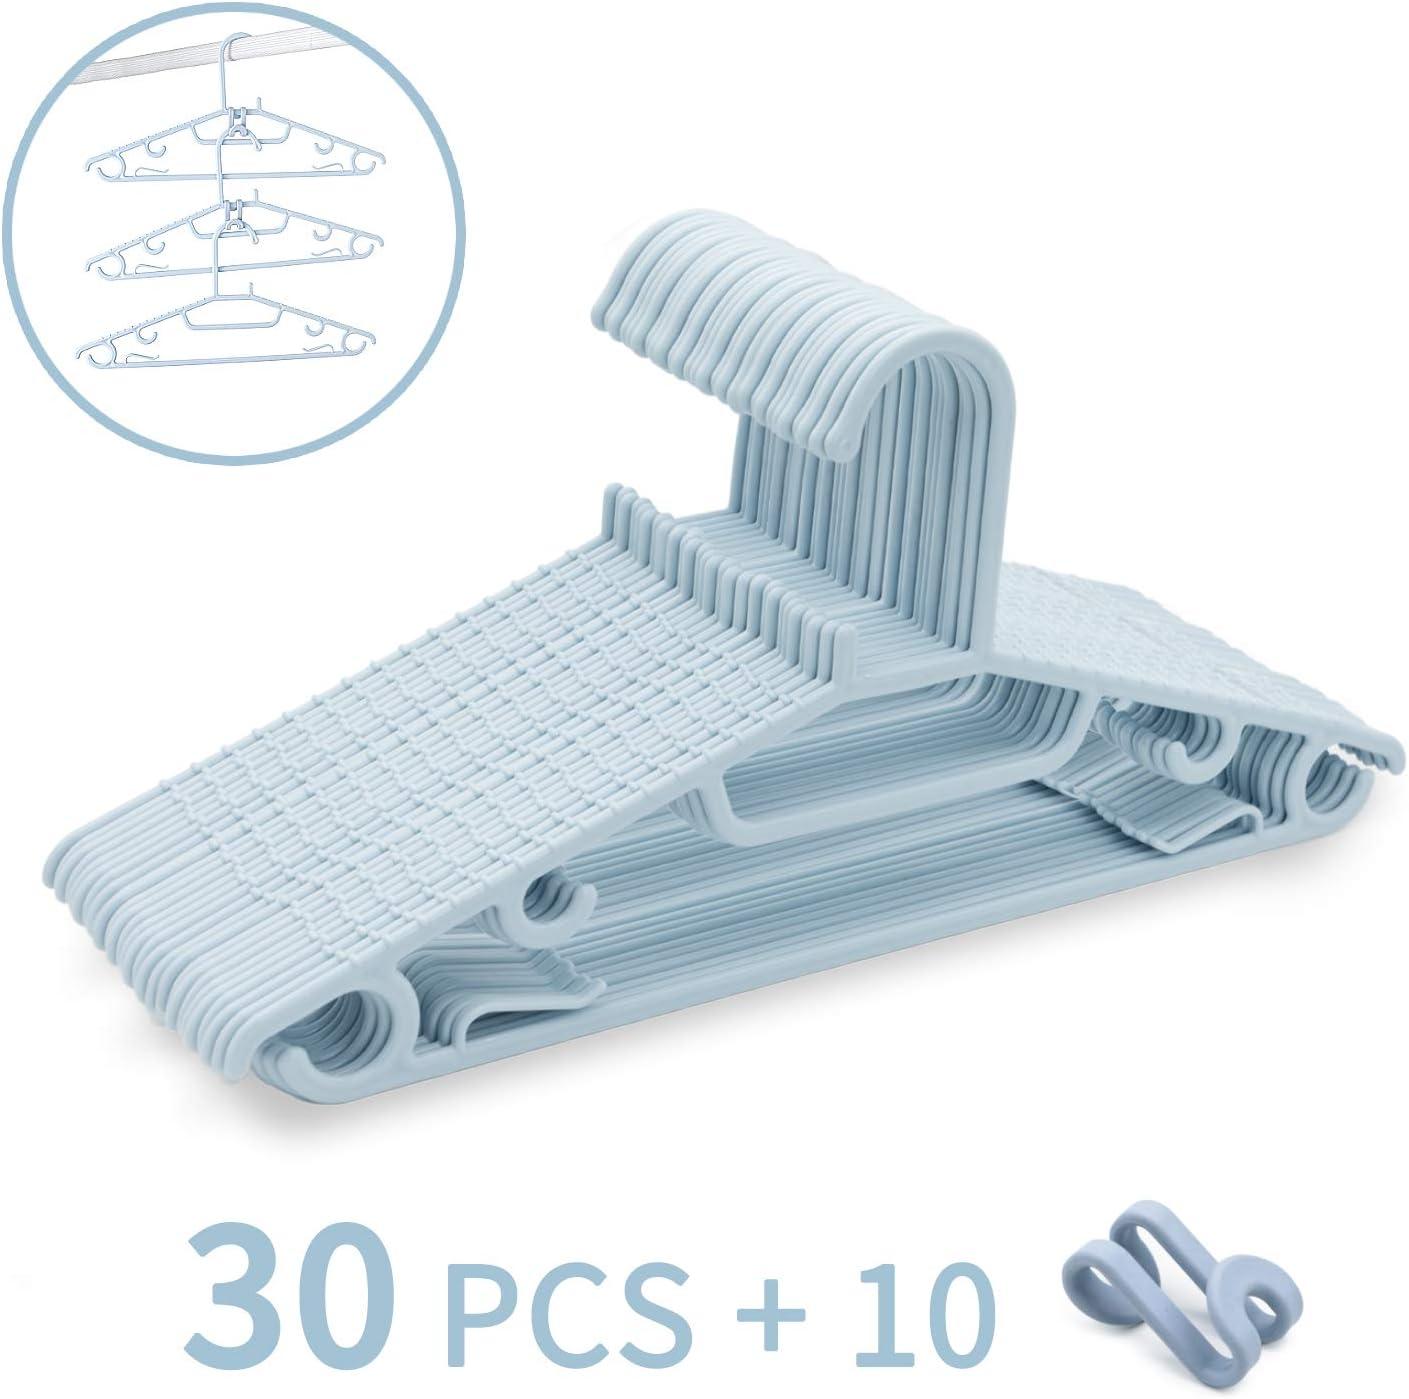 Zebricolo Paquete de 30 Perchas, Plástico, para Trabajo Pesado con Diseño Antideslizante, para Ropa, Ahorran Espacio, 0,5 cm de Grosor, 43 cm de Ancho, Azul